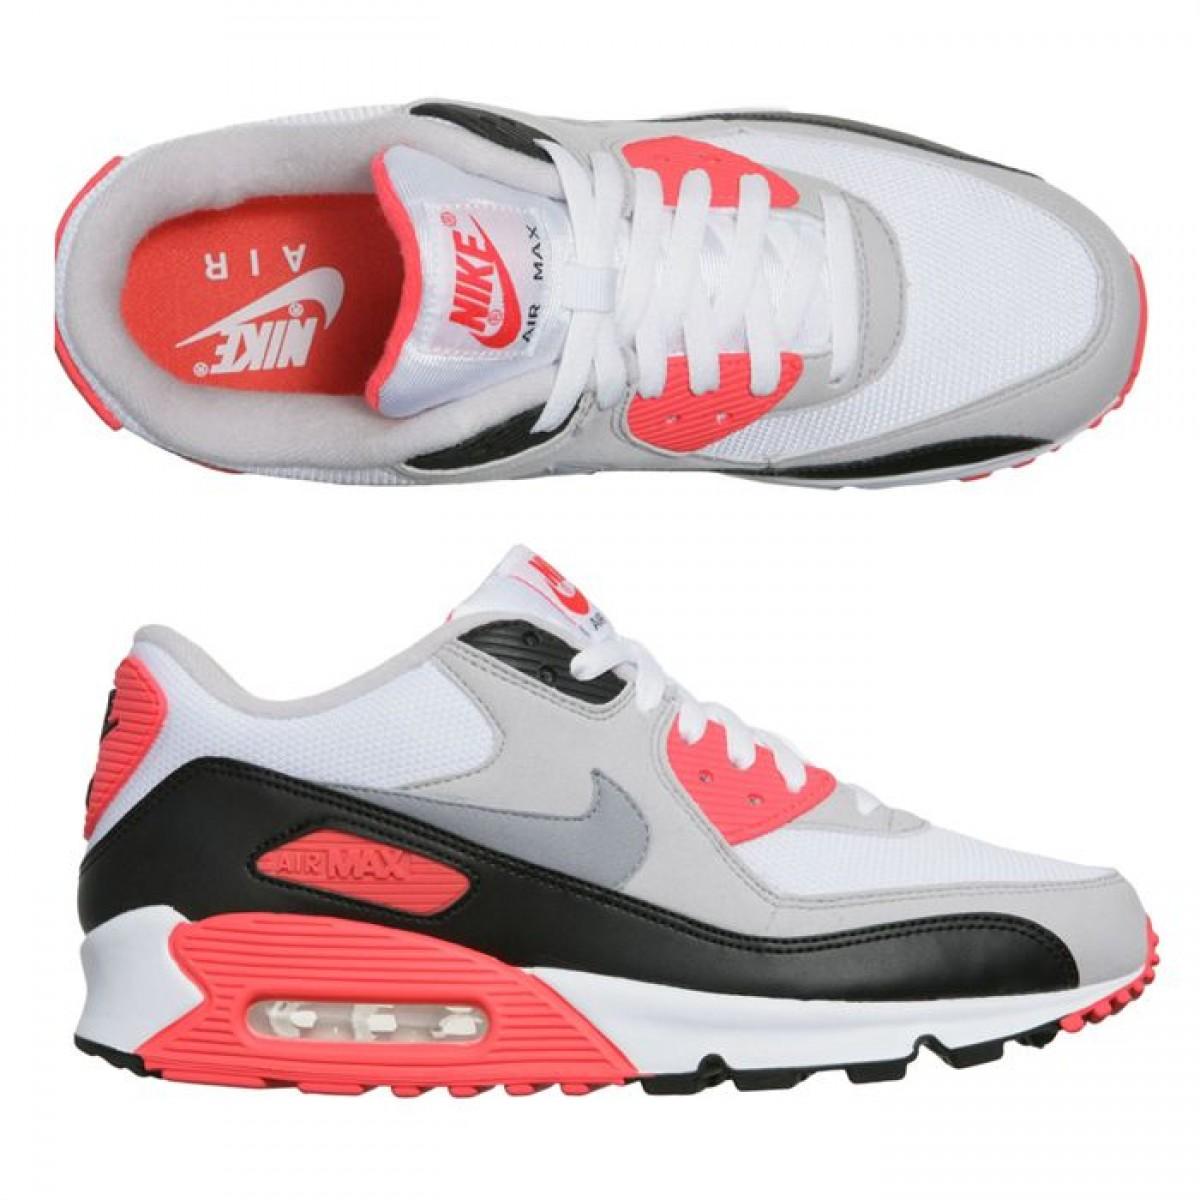 Achat / Vente produits Nike Air Max 90 Femme,Nike Air Max 90 Femme ...